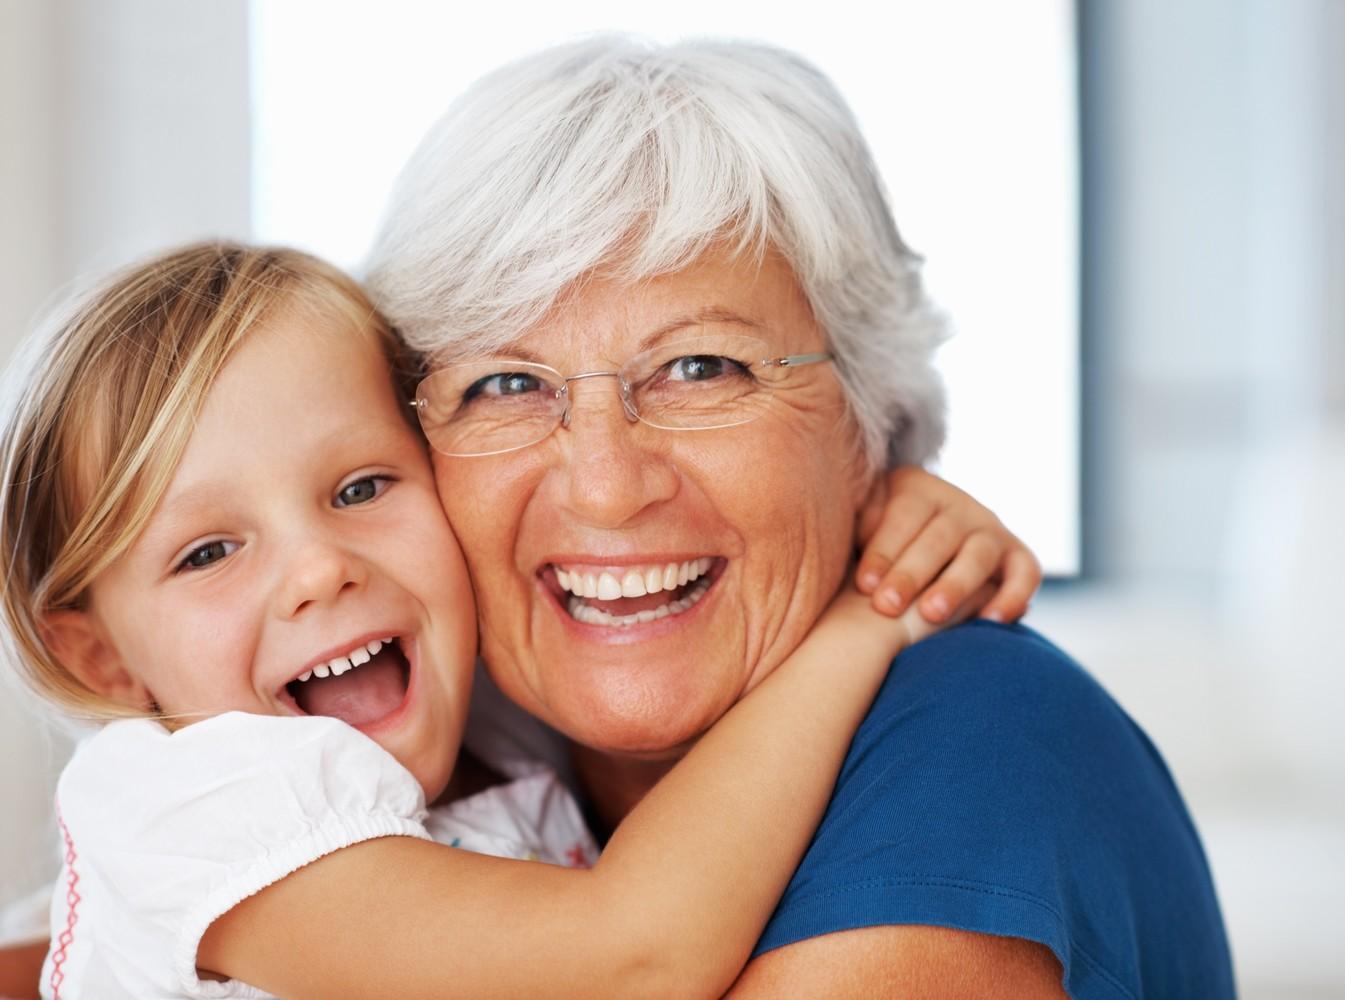 Смотреть бесплатно бабушка и внук 16 фотография